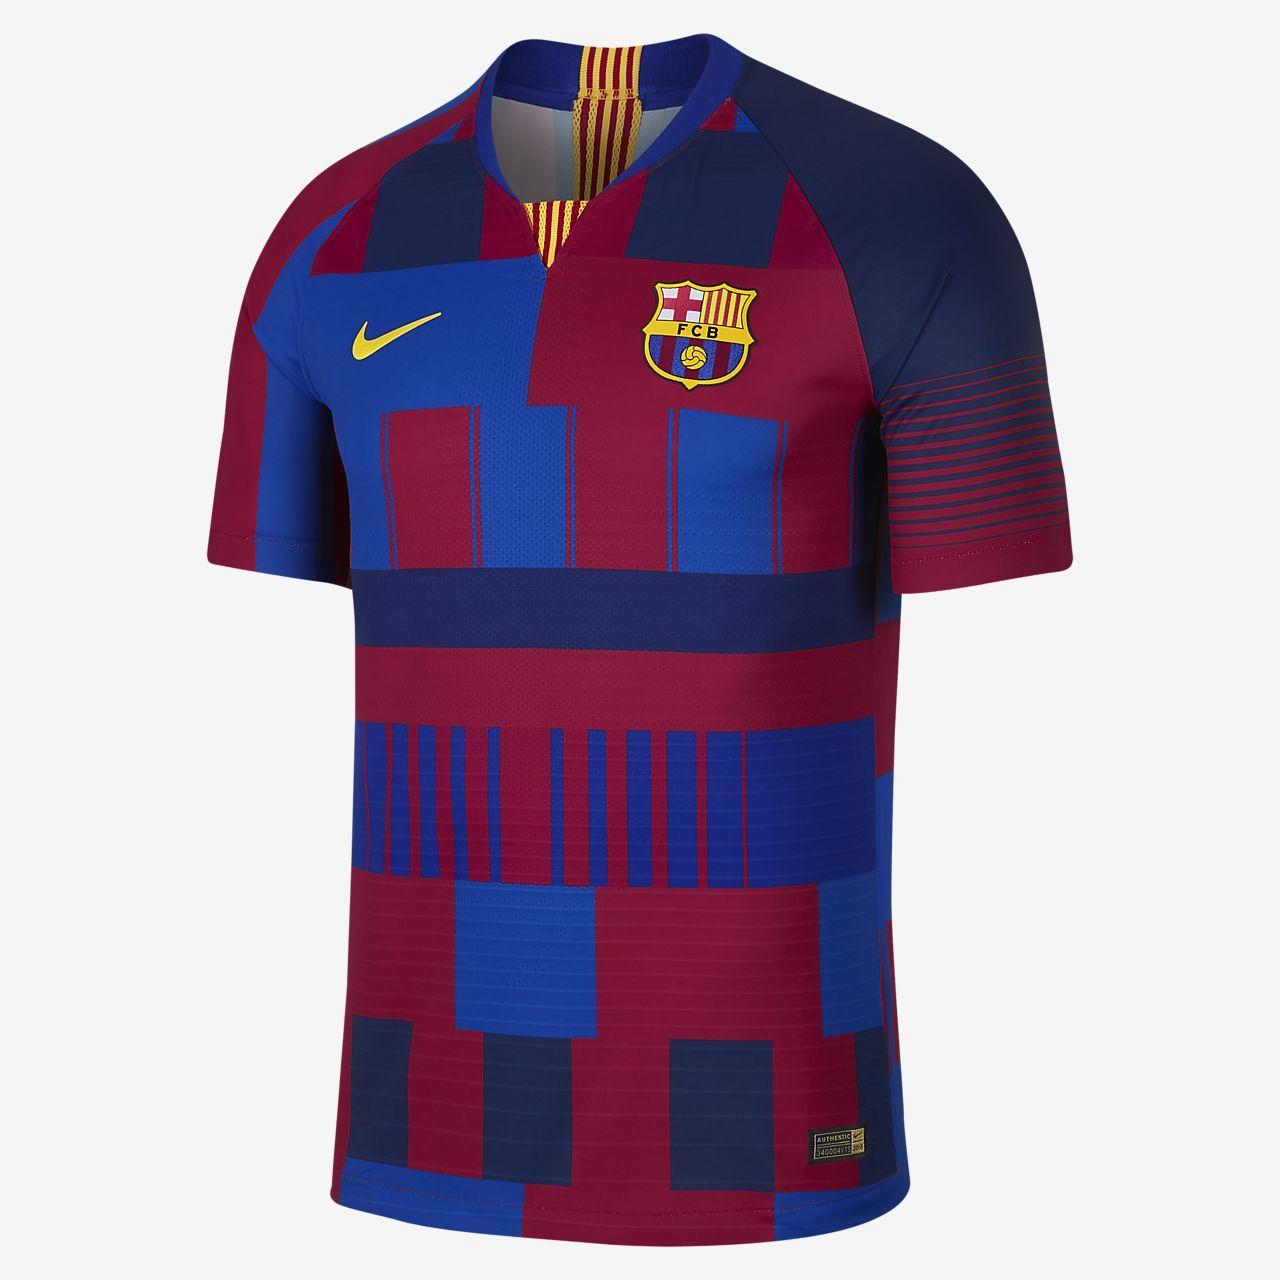 513e44b91229b Camiseta para hombre FC Barcelona 20th Anniversary Vapor Match. Nike ...